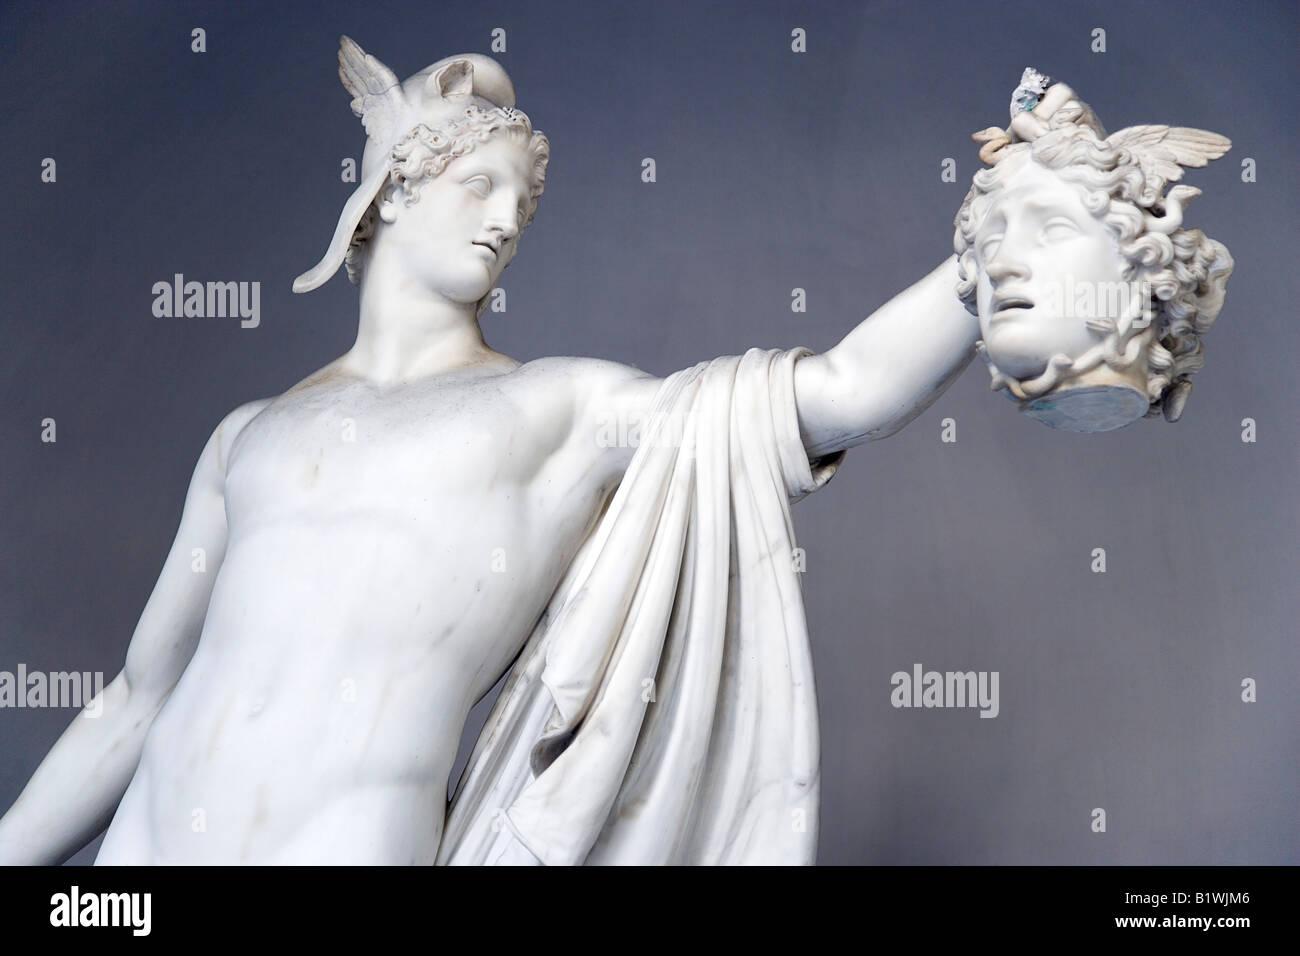 Italie Lazio Rome Vatican Museum Belevdere Palace statue en marbre de Perseus holding tête de Méduse par Photo Stock